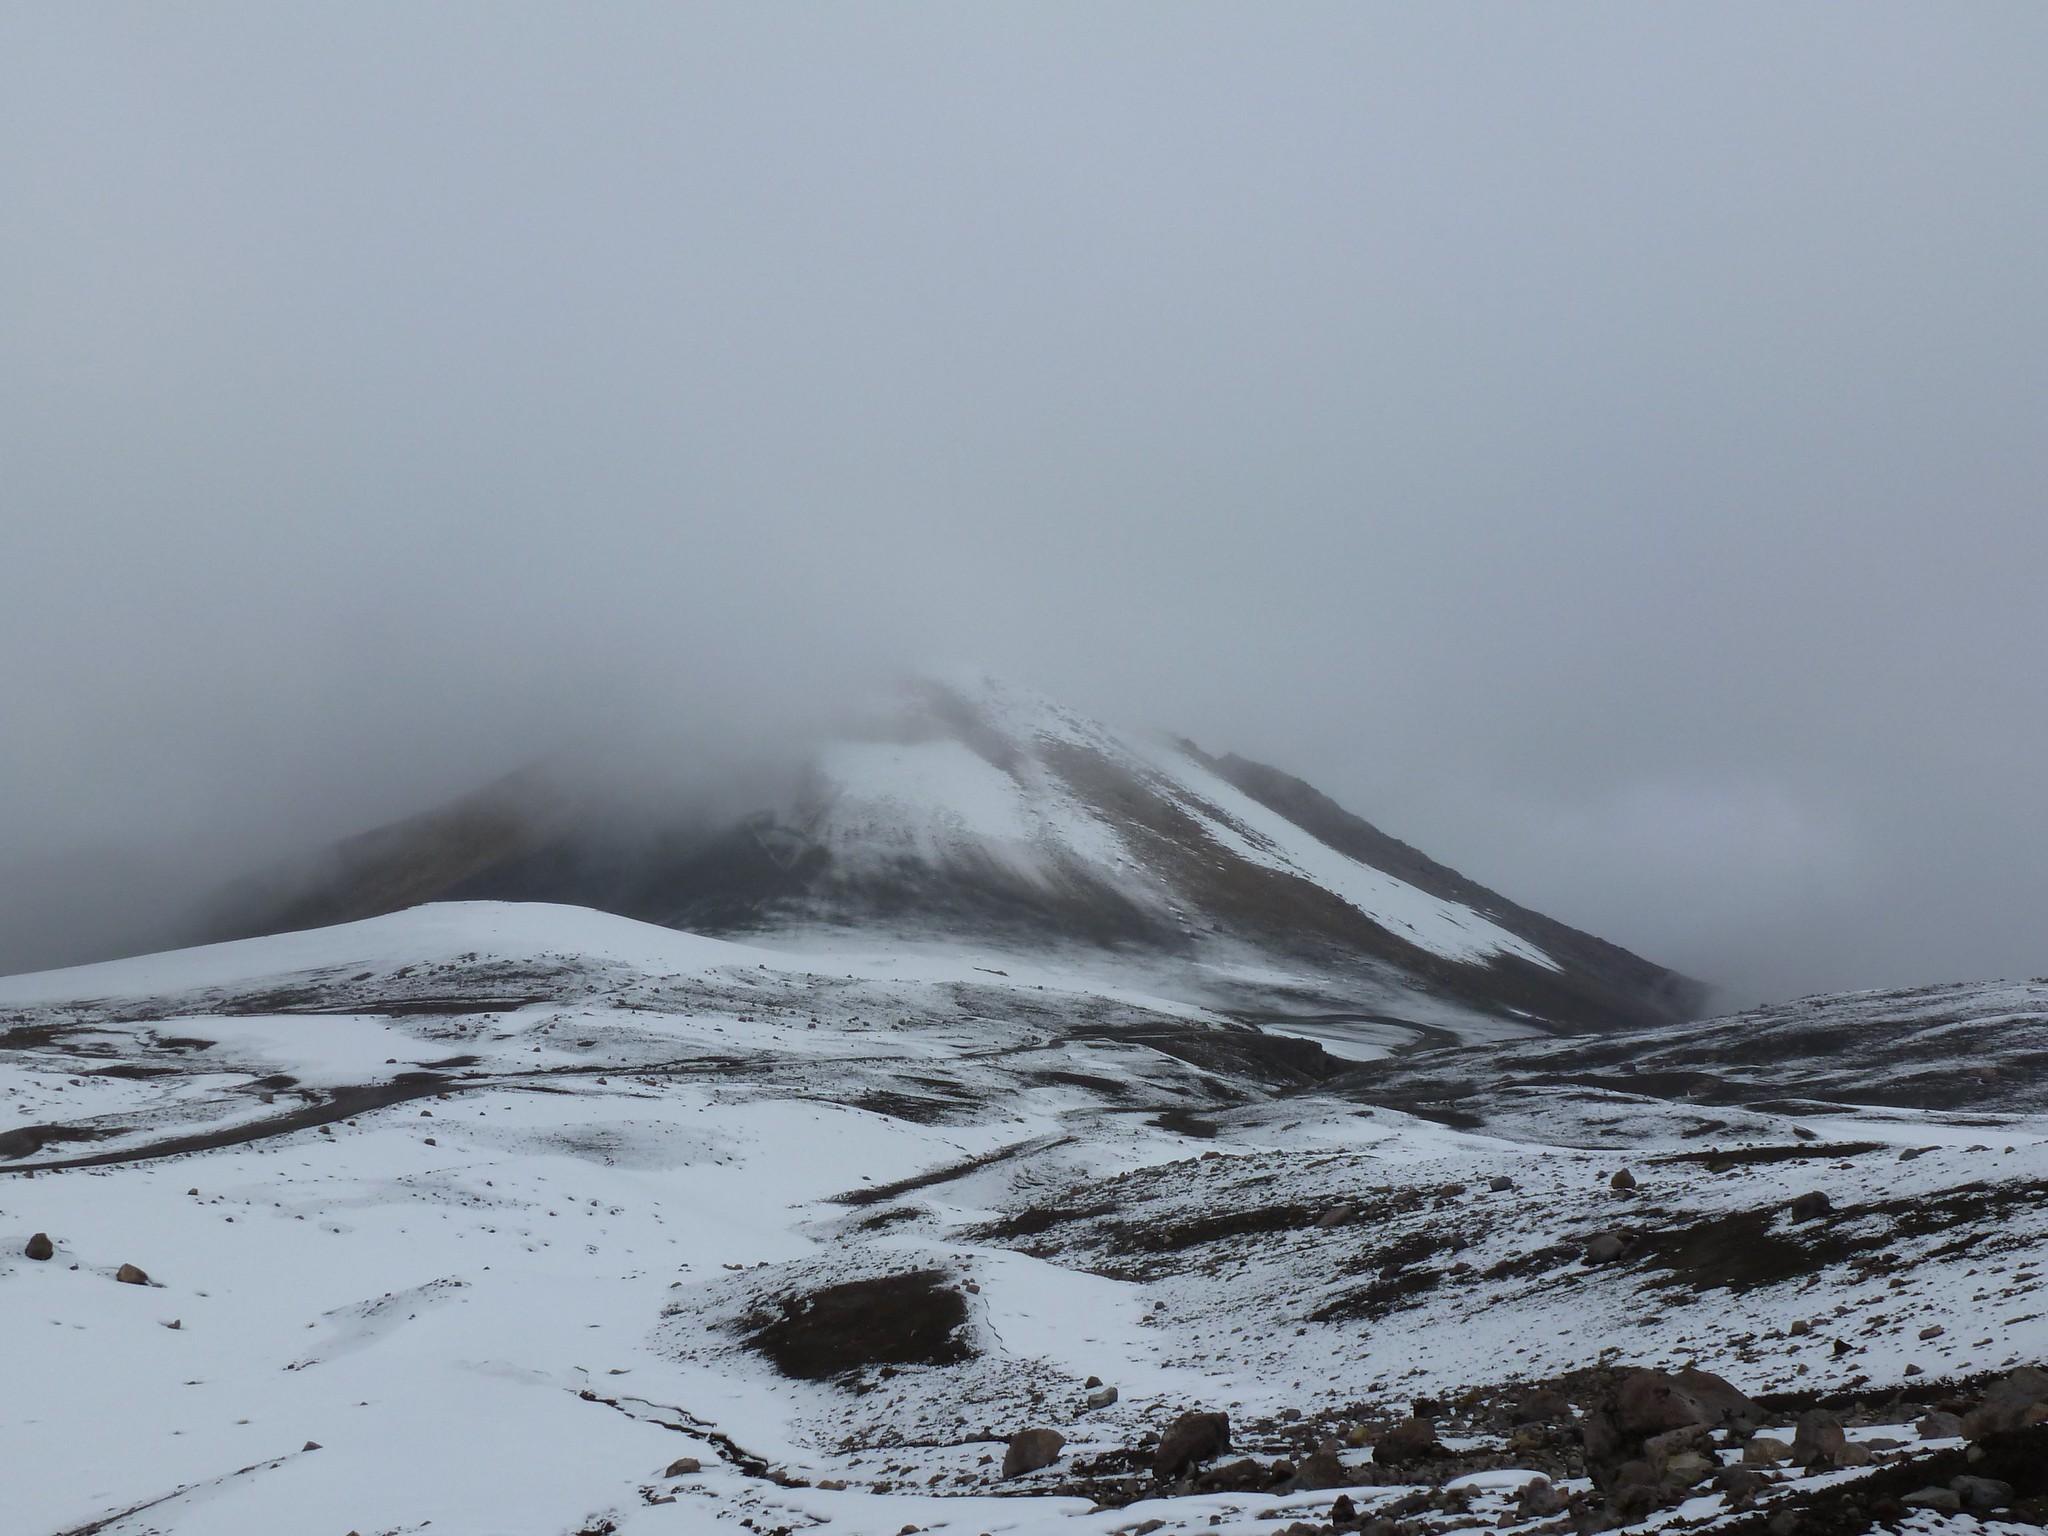 Volcano Nevado Ruiz, Colombia © ManuB.